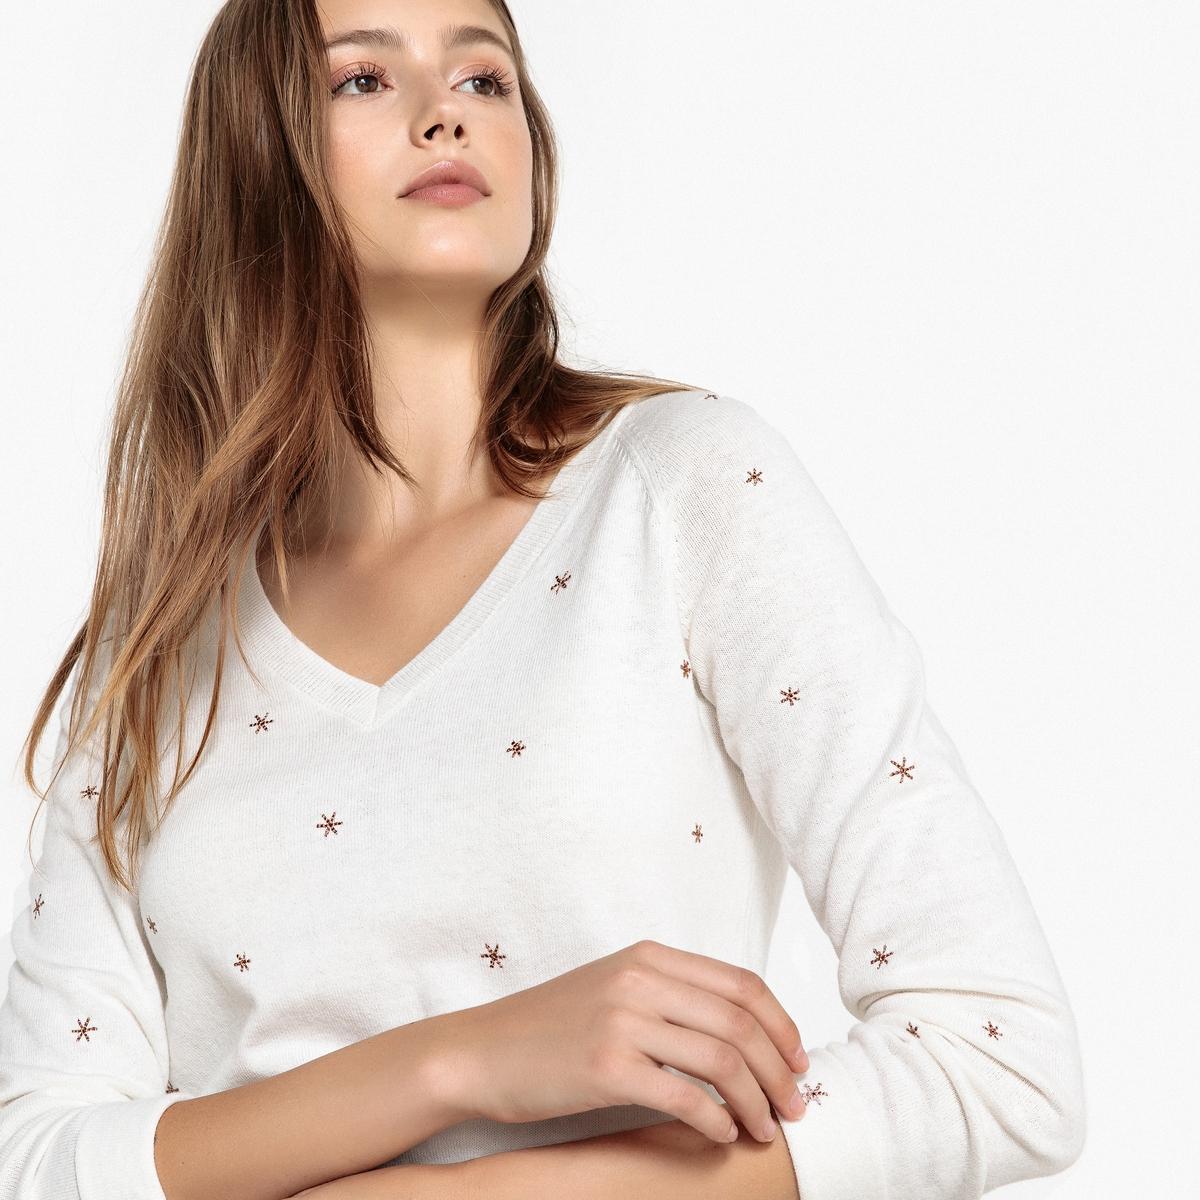 Пуловер с V-образным вырезом и вышивкой звёзды MEMPSEY пуловер с v образным вырезом